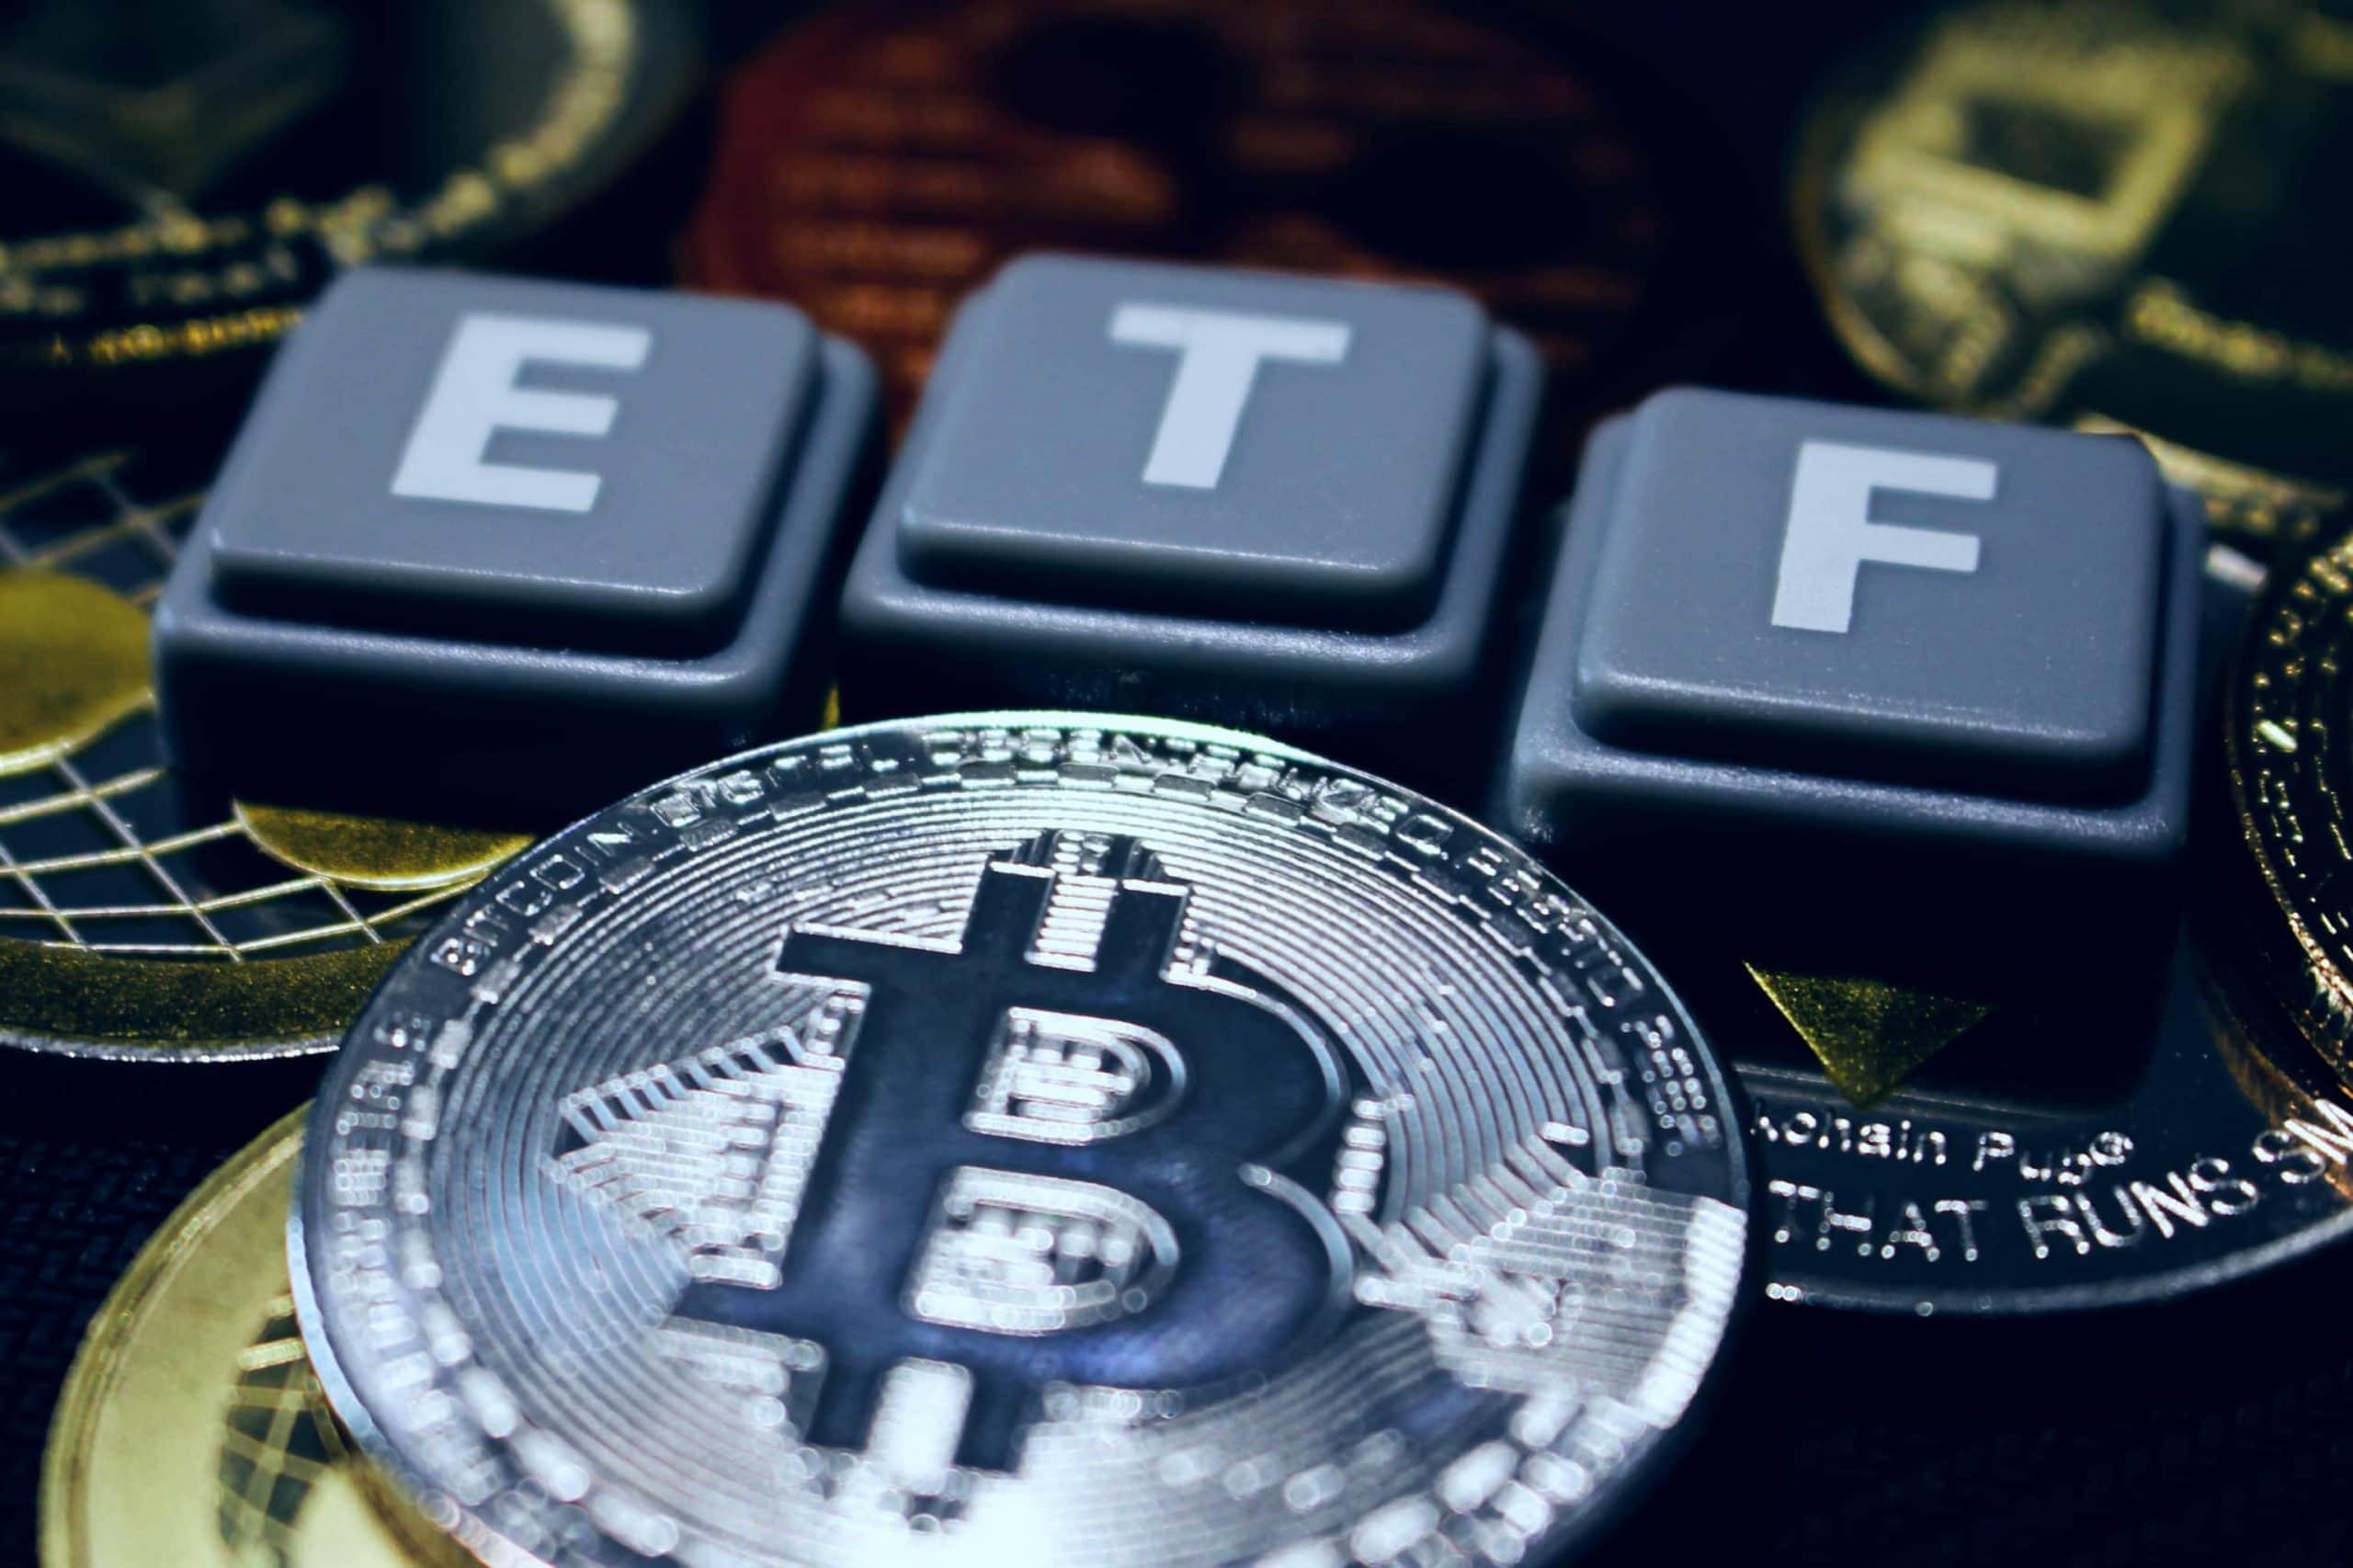 Eine silberne Bitcoin-Münze liegt vor den Tastaturbuchstaben E,T,F.